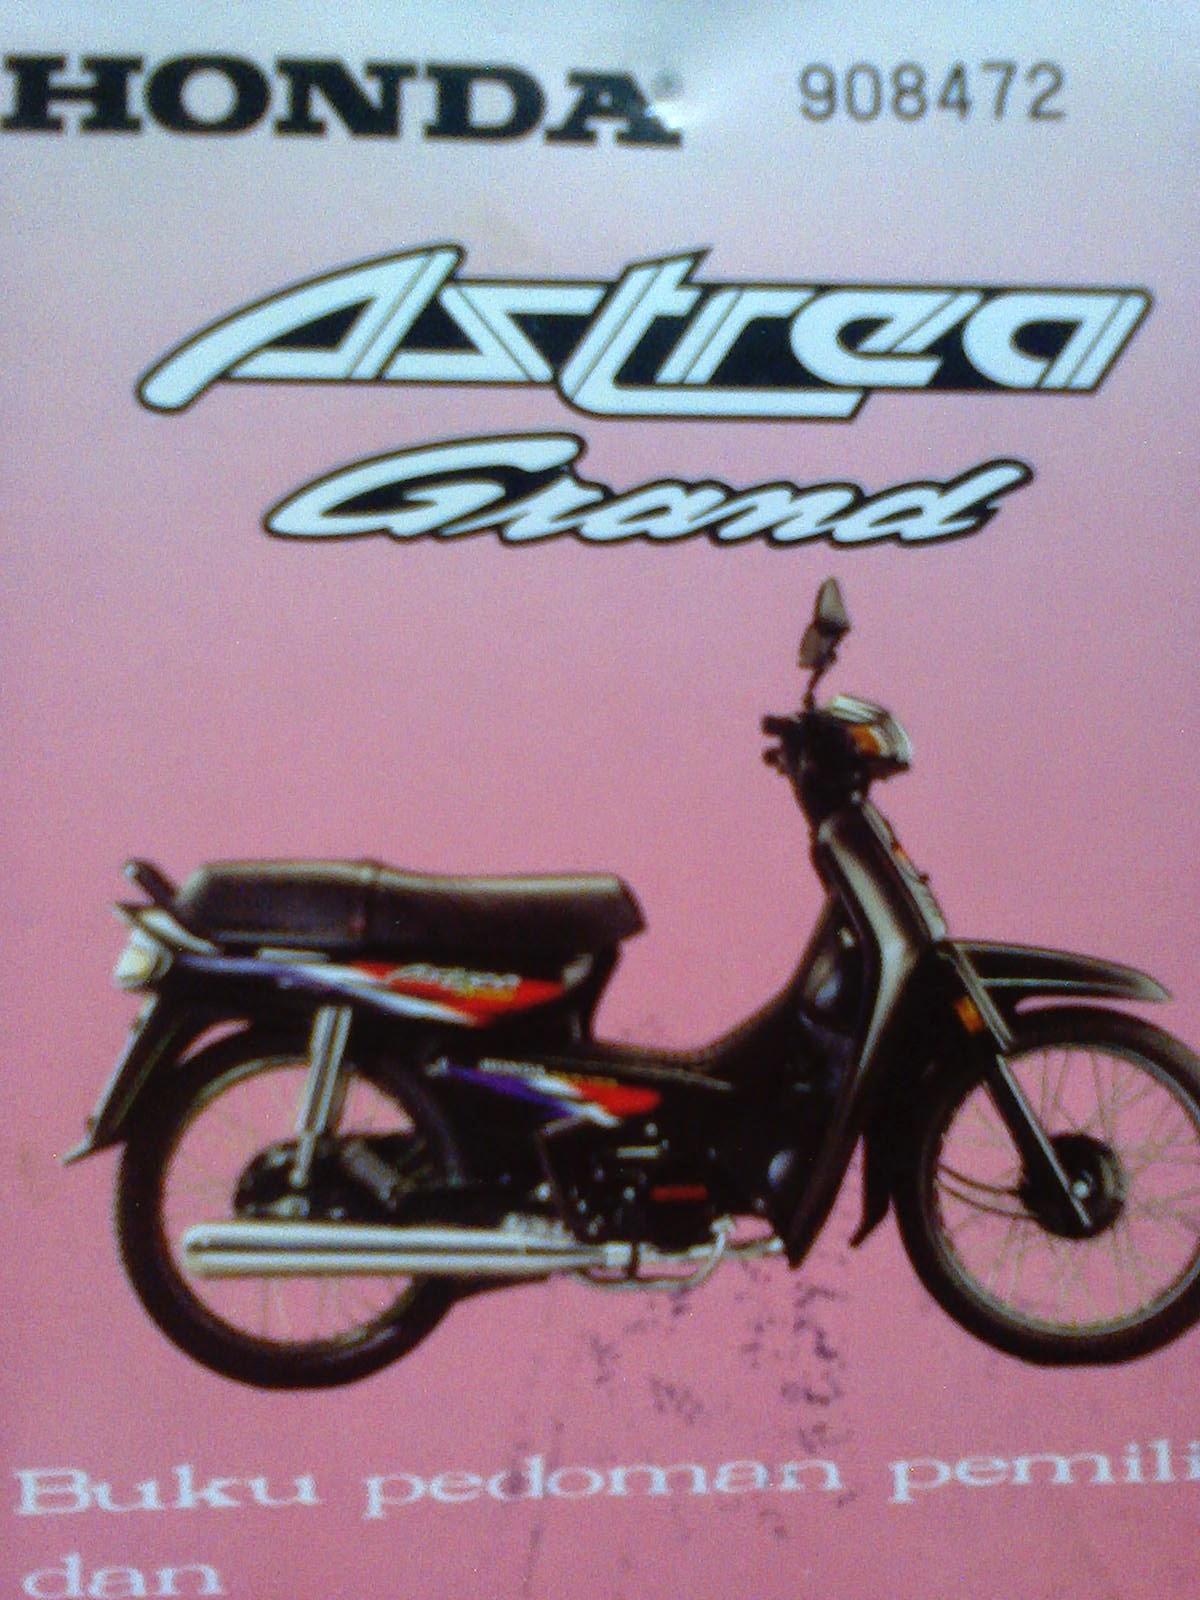 deretan motor legend dan terlaris di indonesia | kaskus